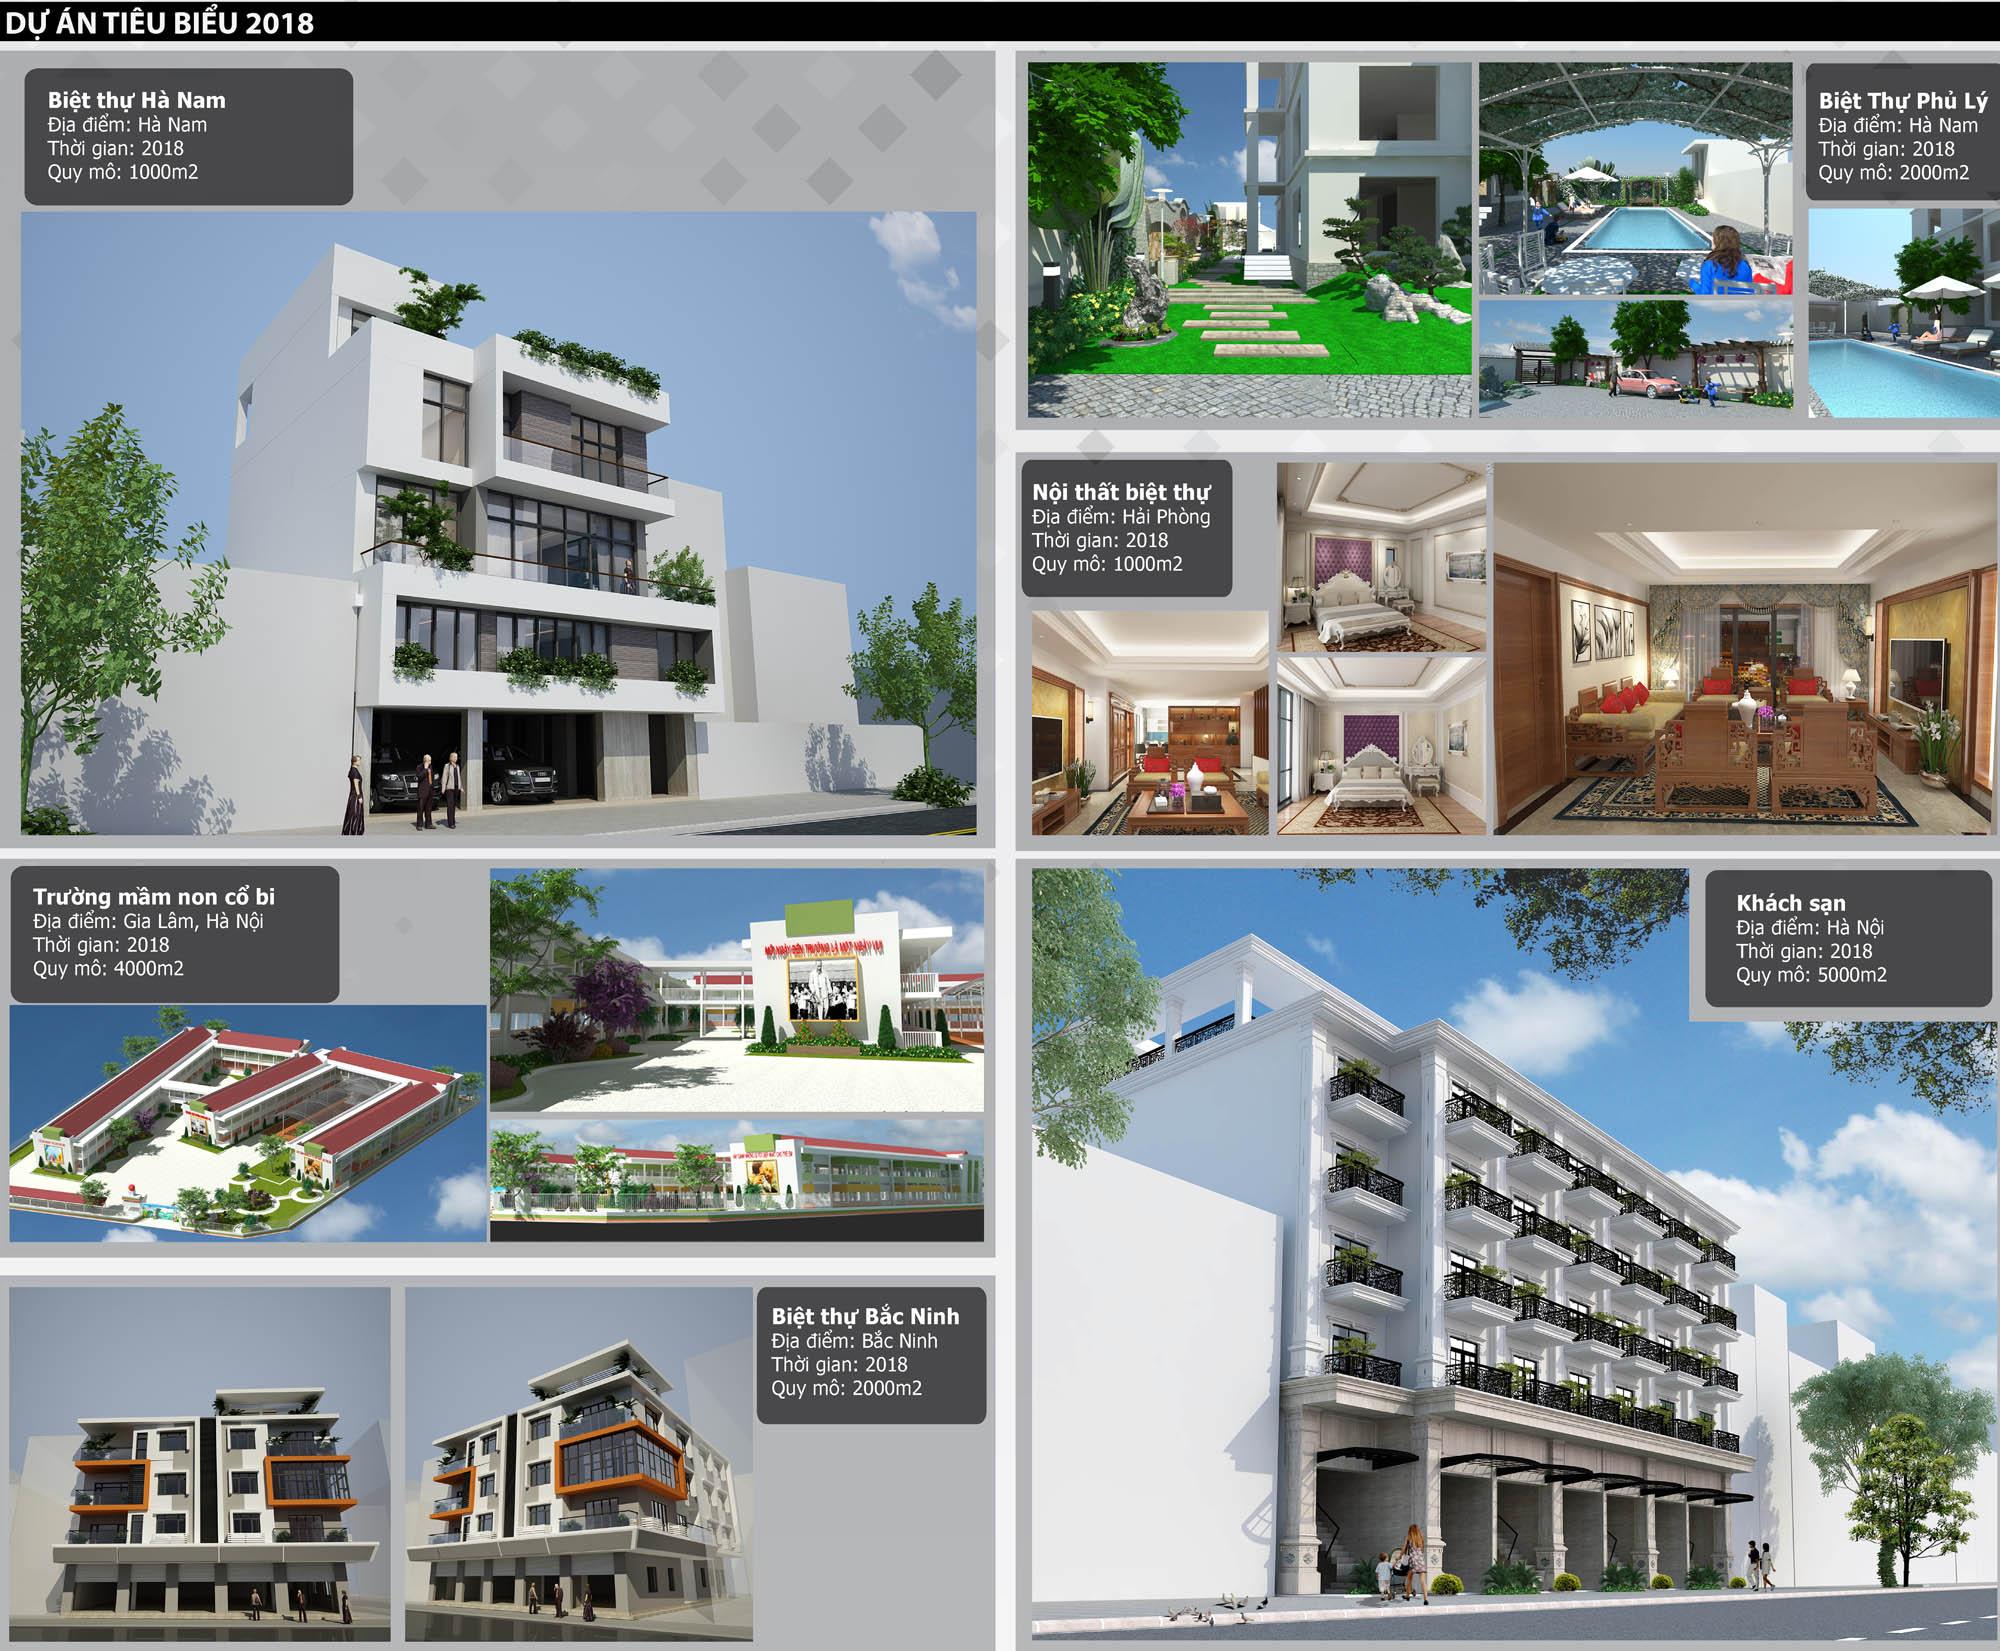 Dự án tiêu biểu của phòng Kiến trúc và Hạ Tầng (KT3)